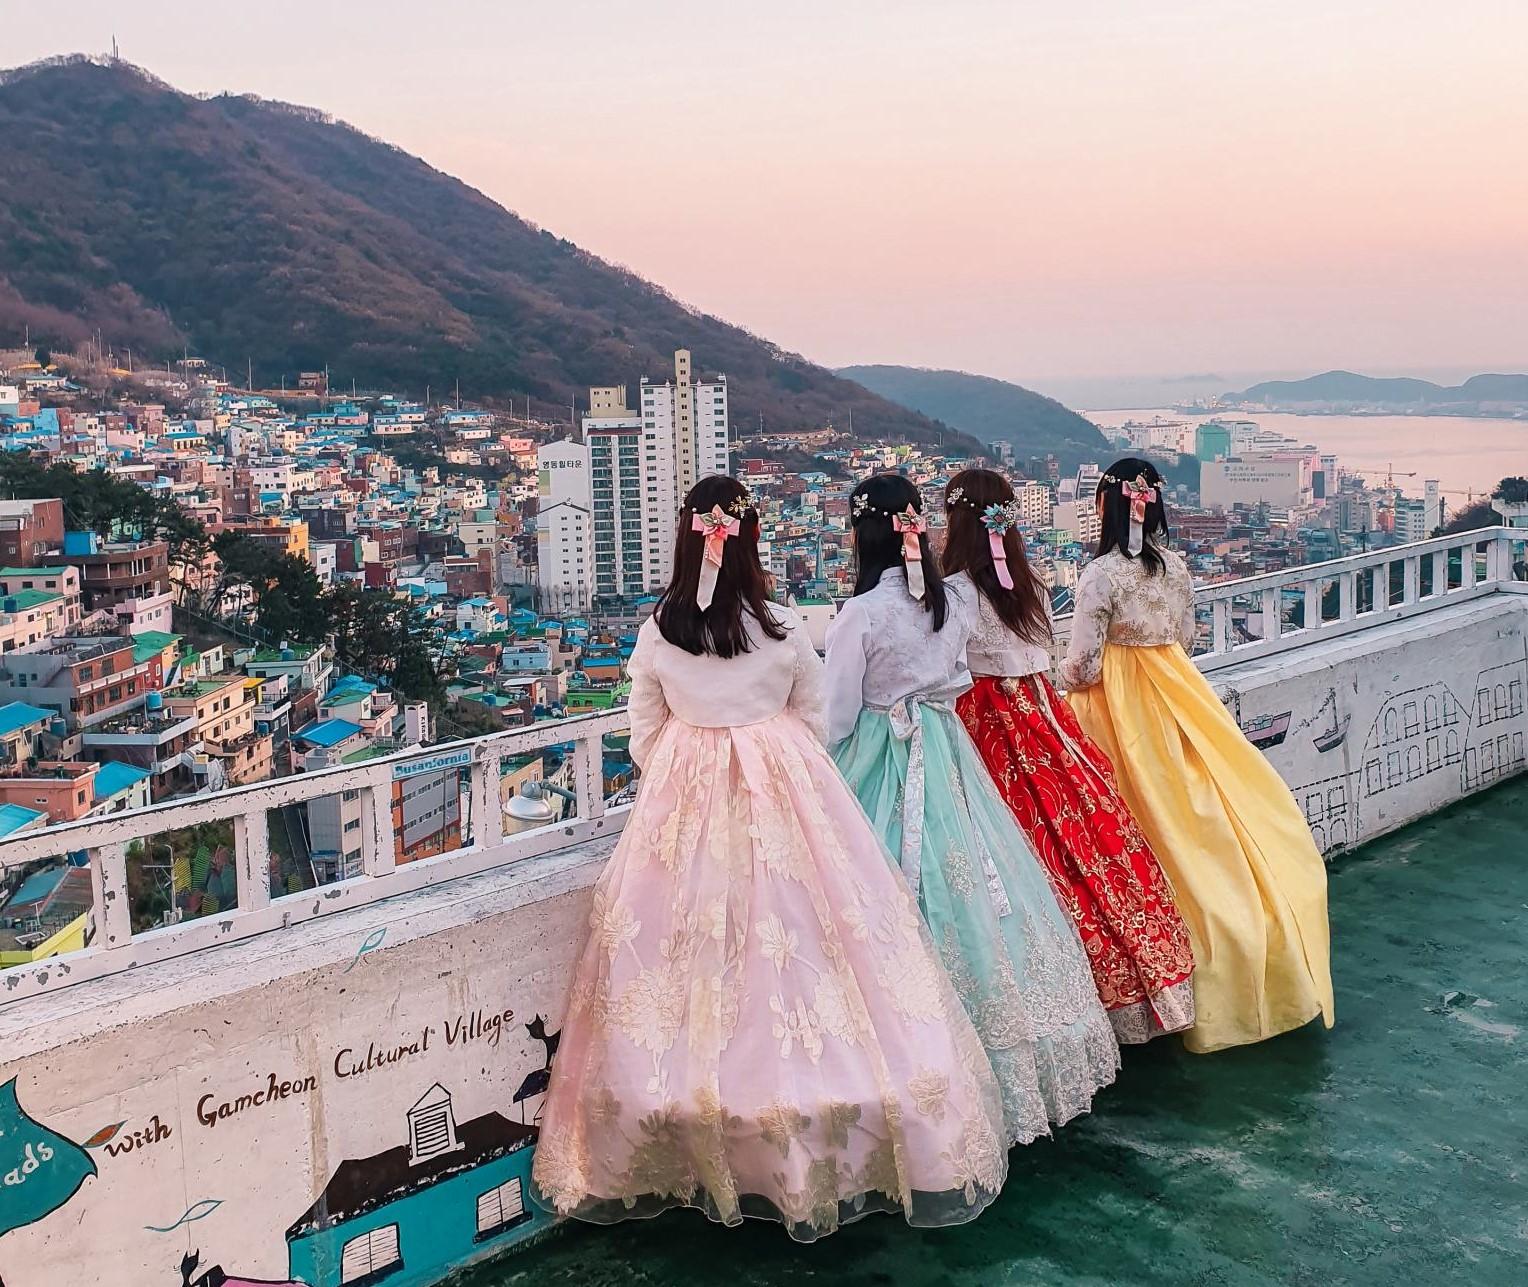 48 Stunden in Busan: 8 Highlights die du nicht verpassen solltest